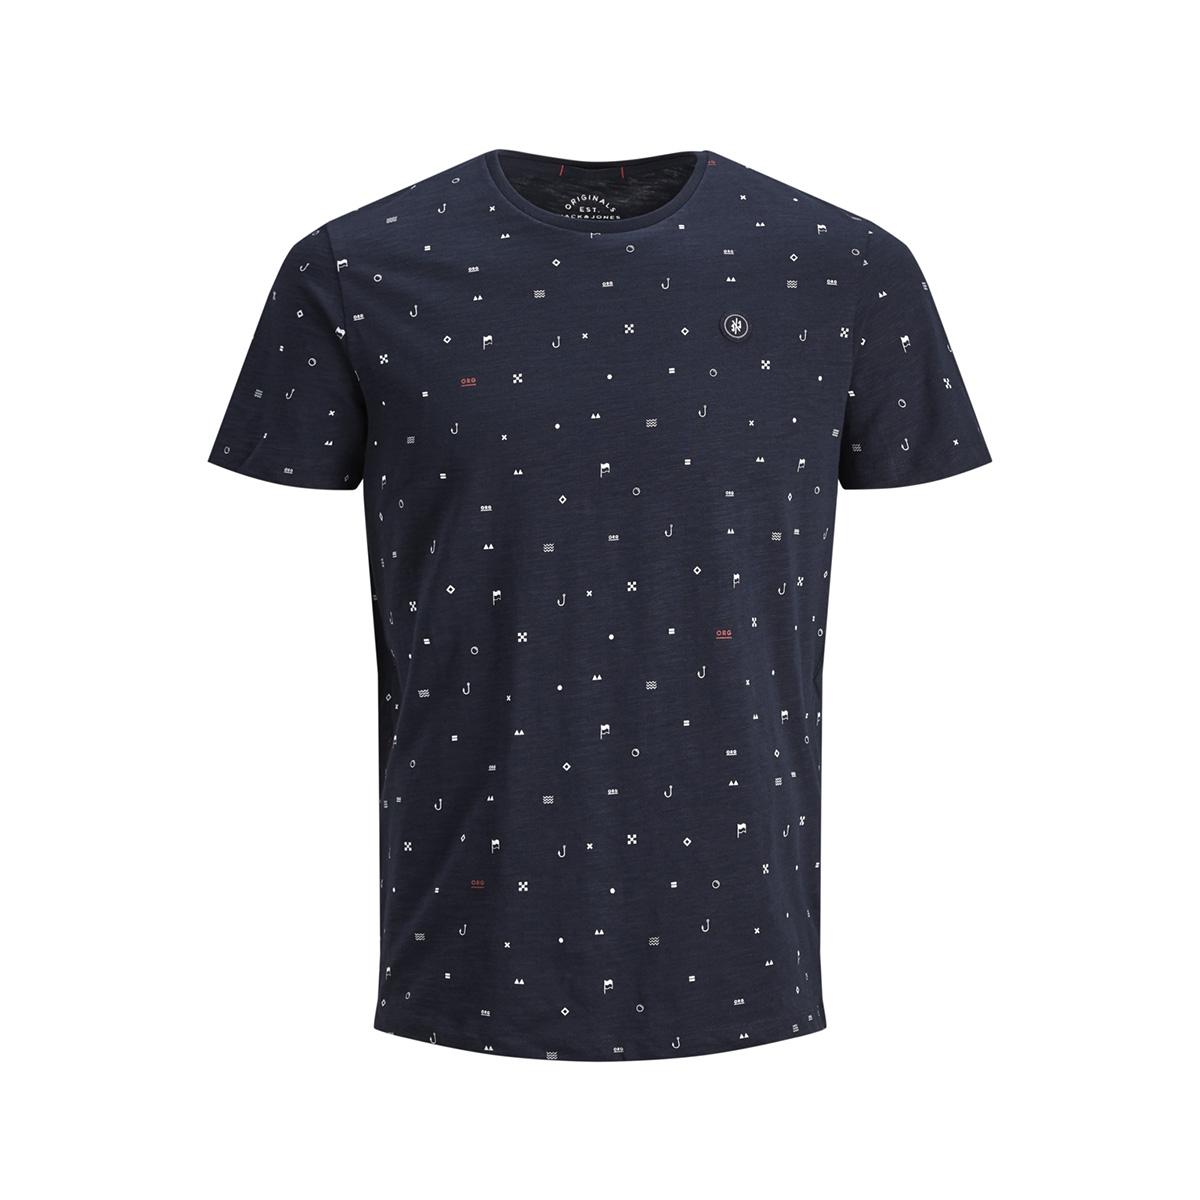 jorcrusoe tee ss crew neck 12147512 jack & jones t-shirt total eclipse/slim